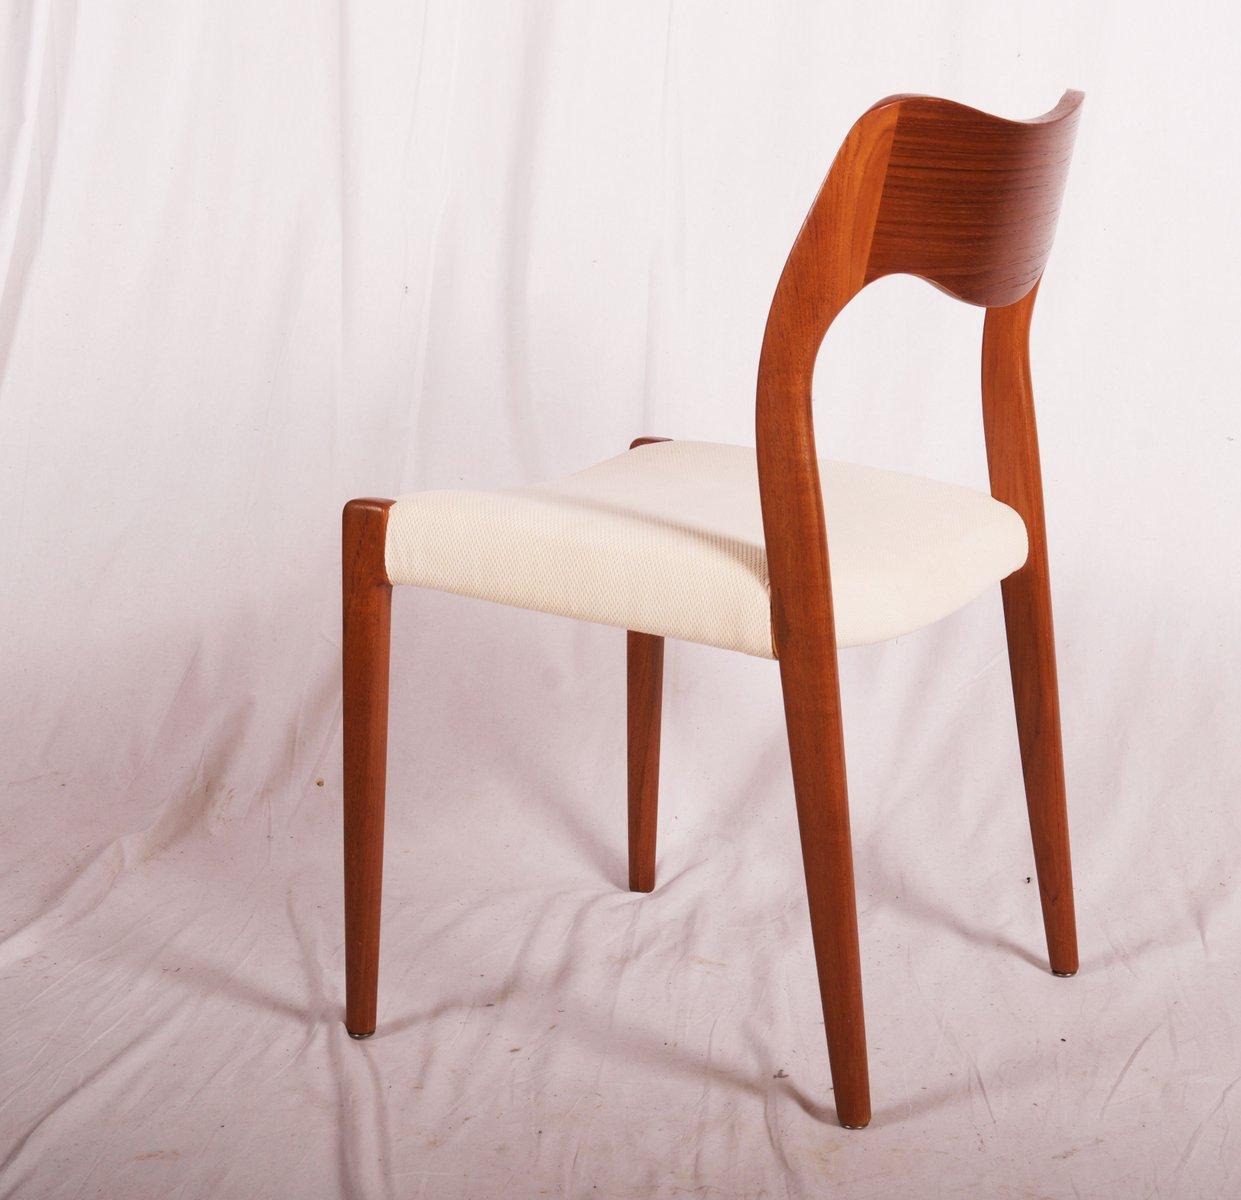 Chaises de salle manger mod le 71 par niels otto m ller for Modeles chaises salle manger